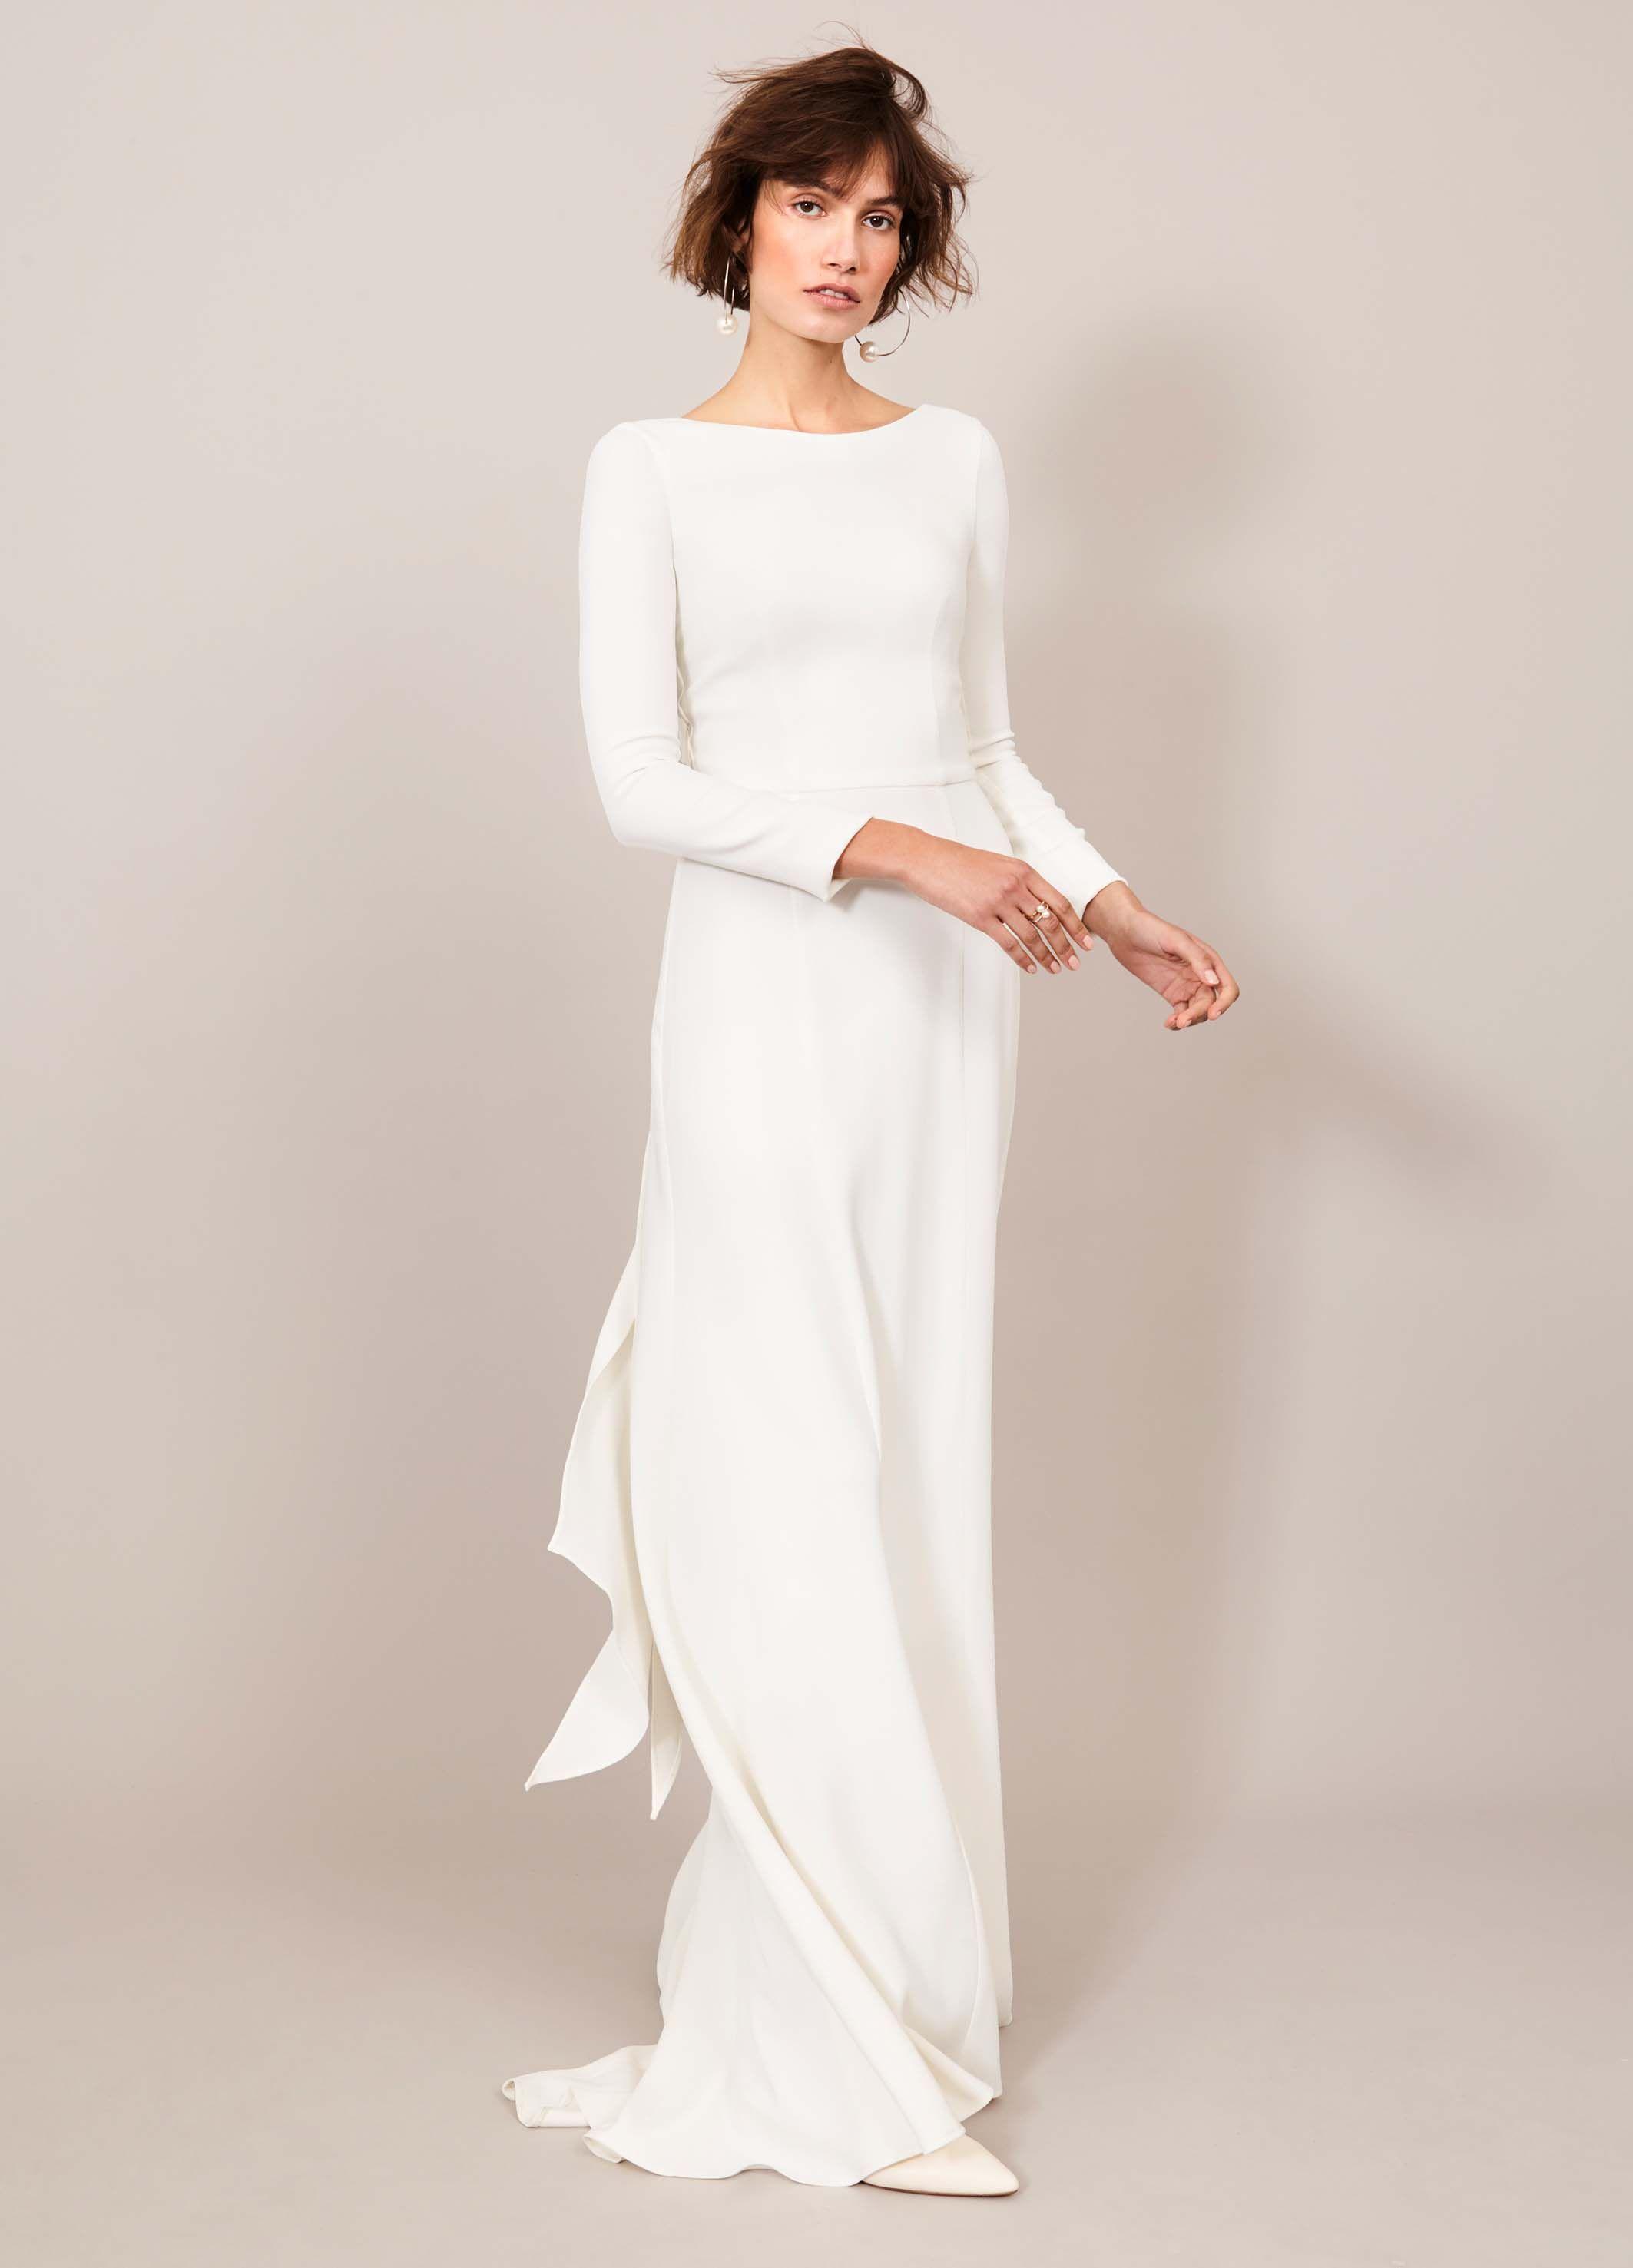 PURE PALAIS DRESS // Modernes Brautkleid mit Rückenausschnitt von